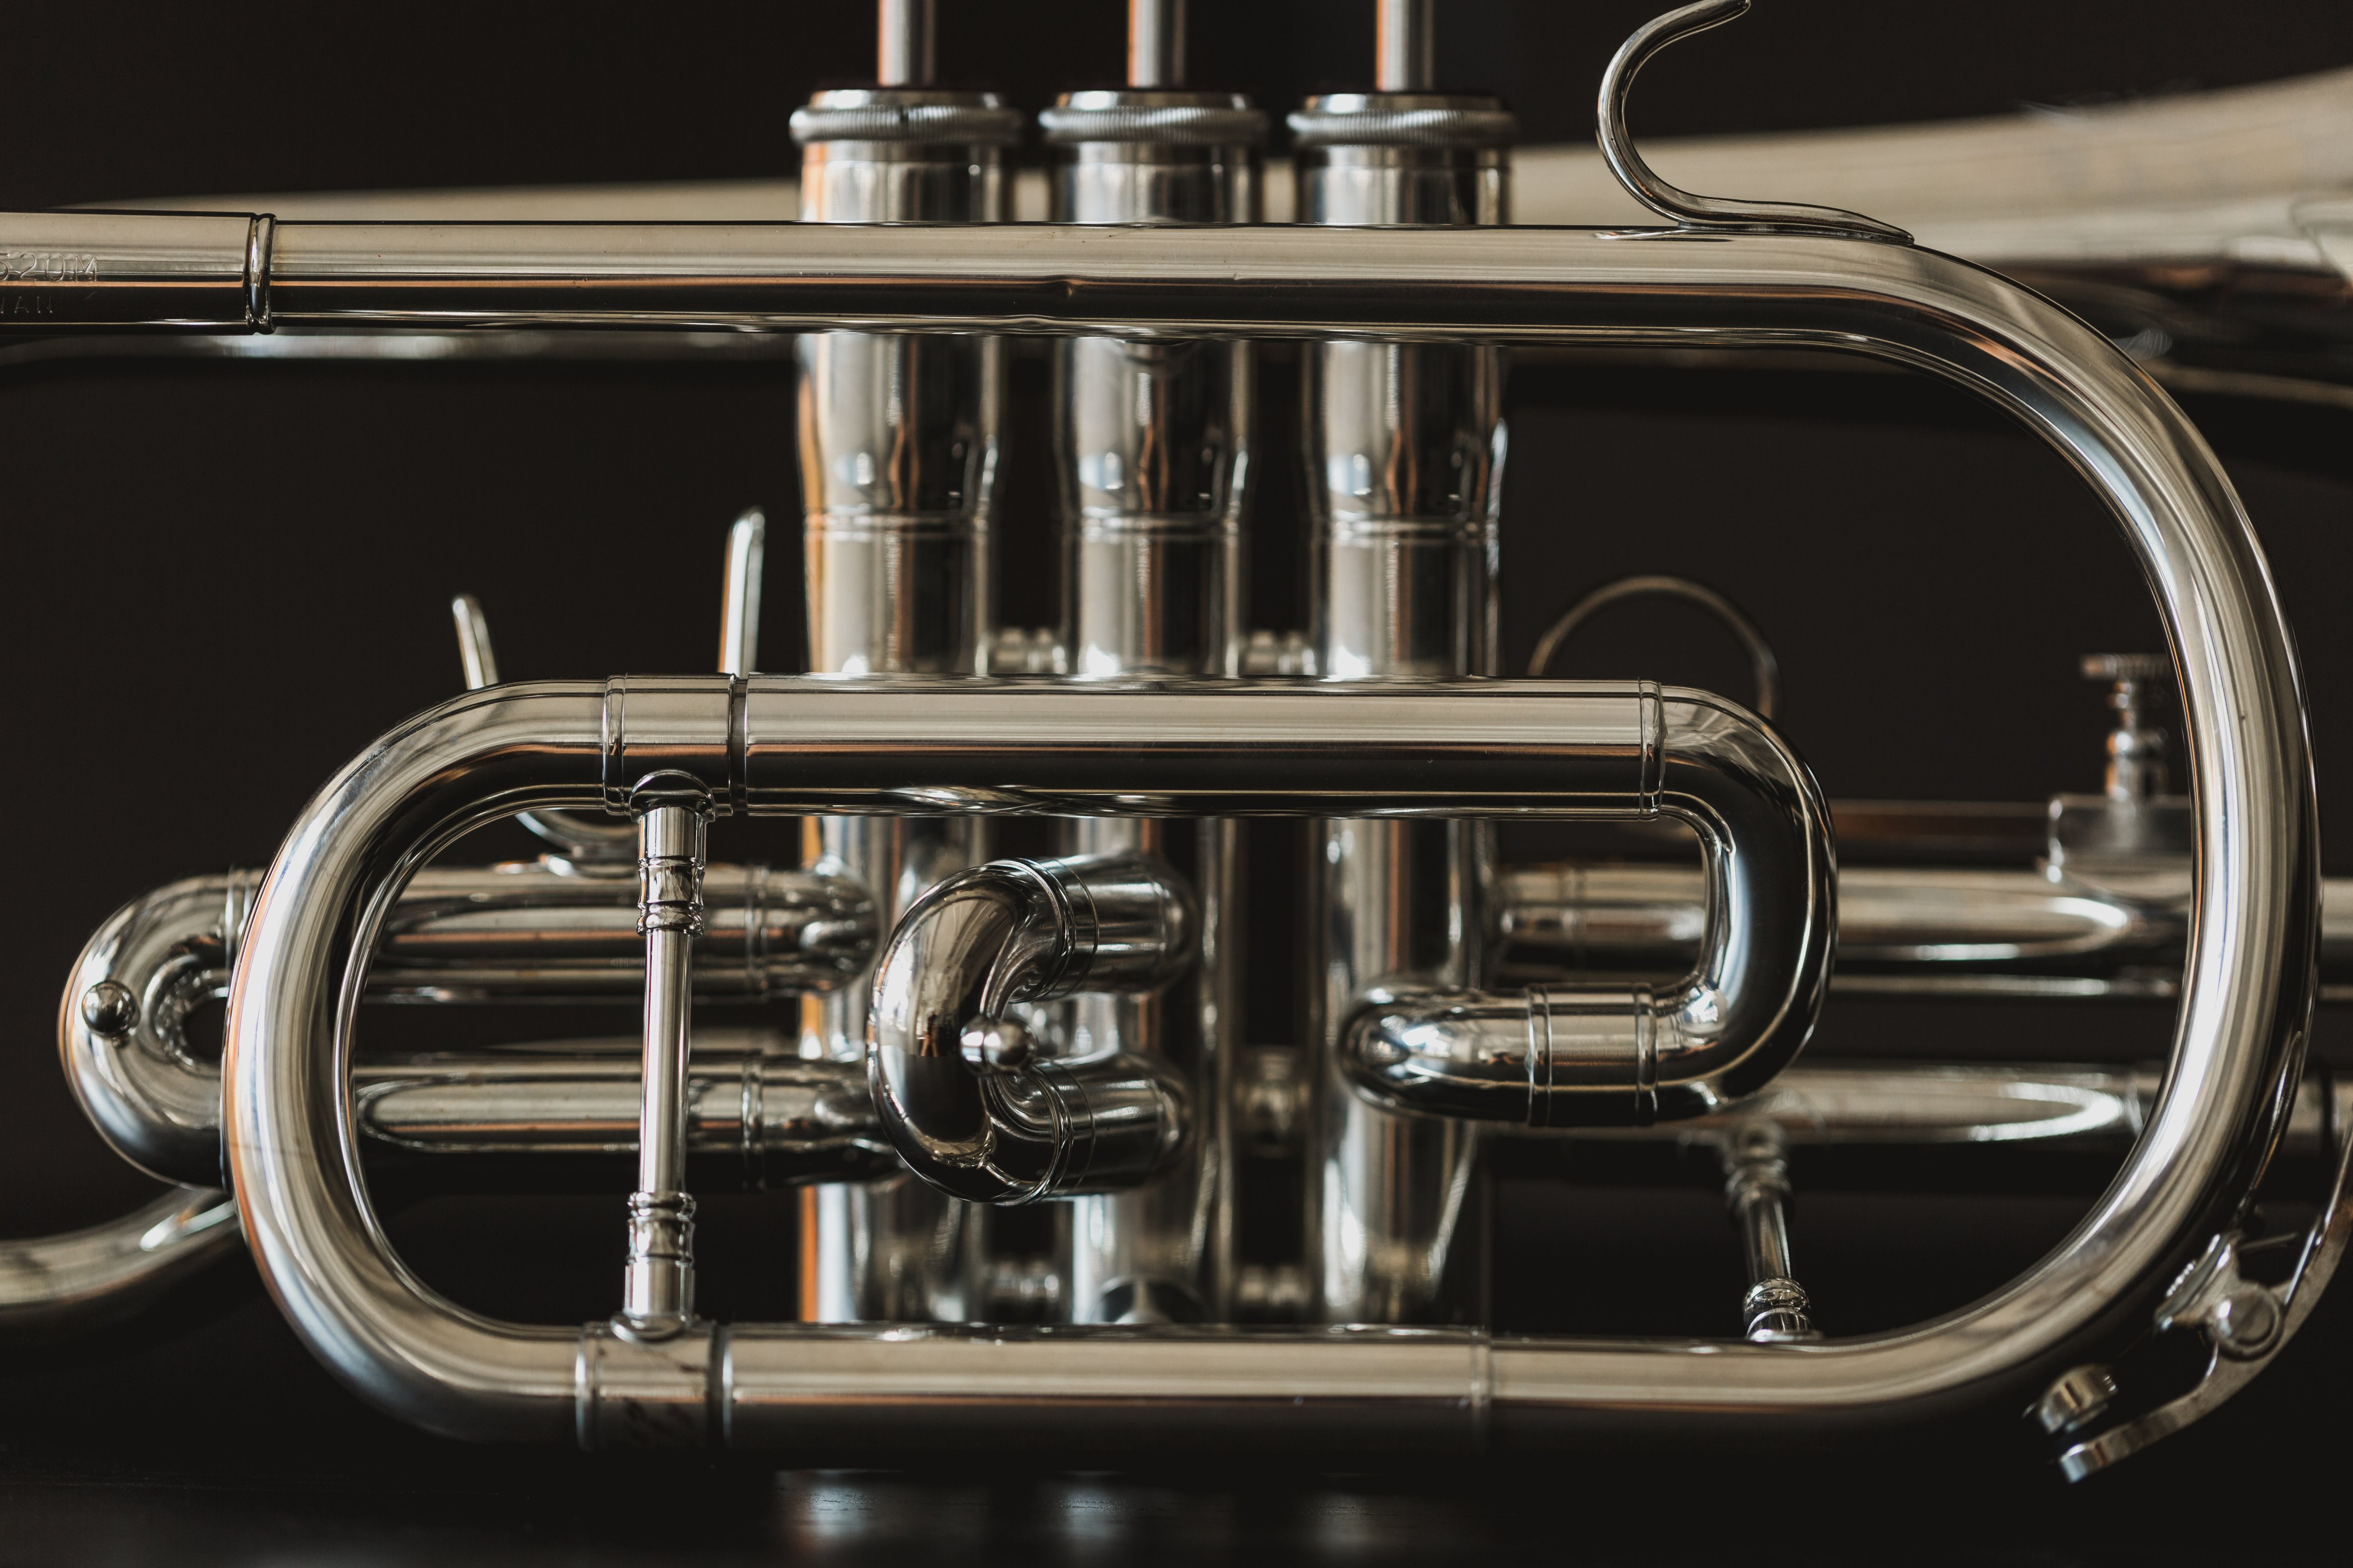 trumpet-steampunk_4460x4460